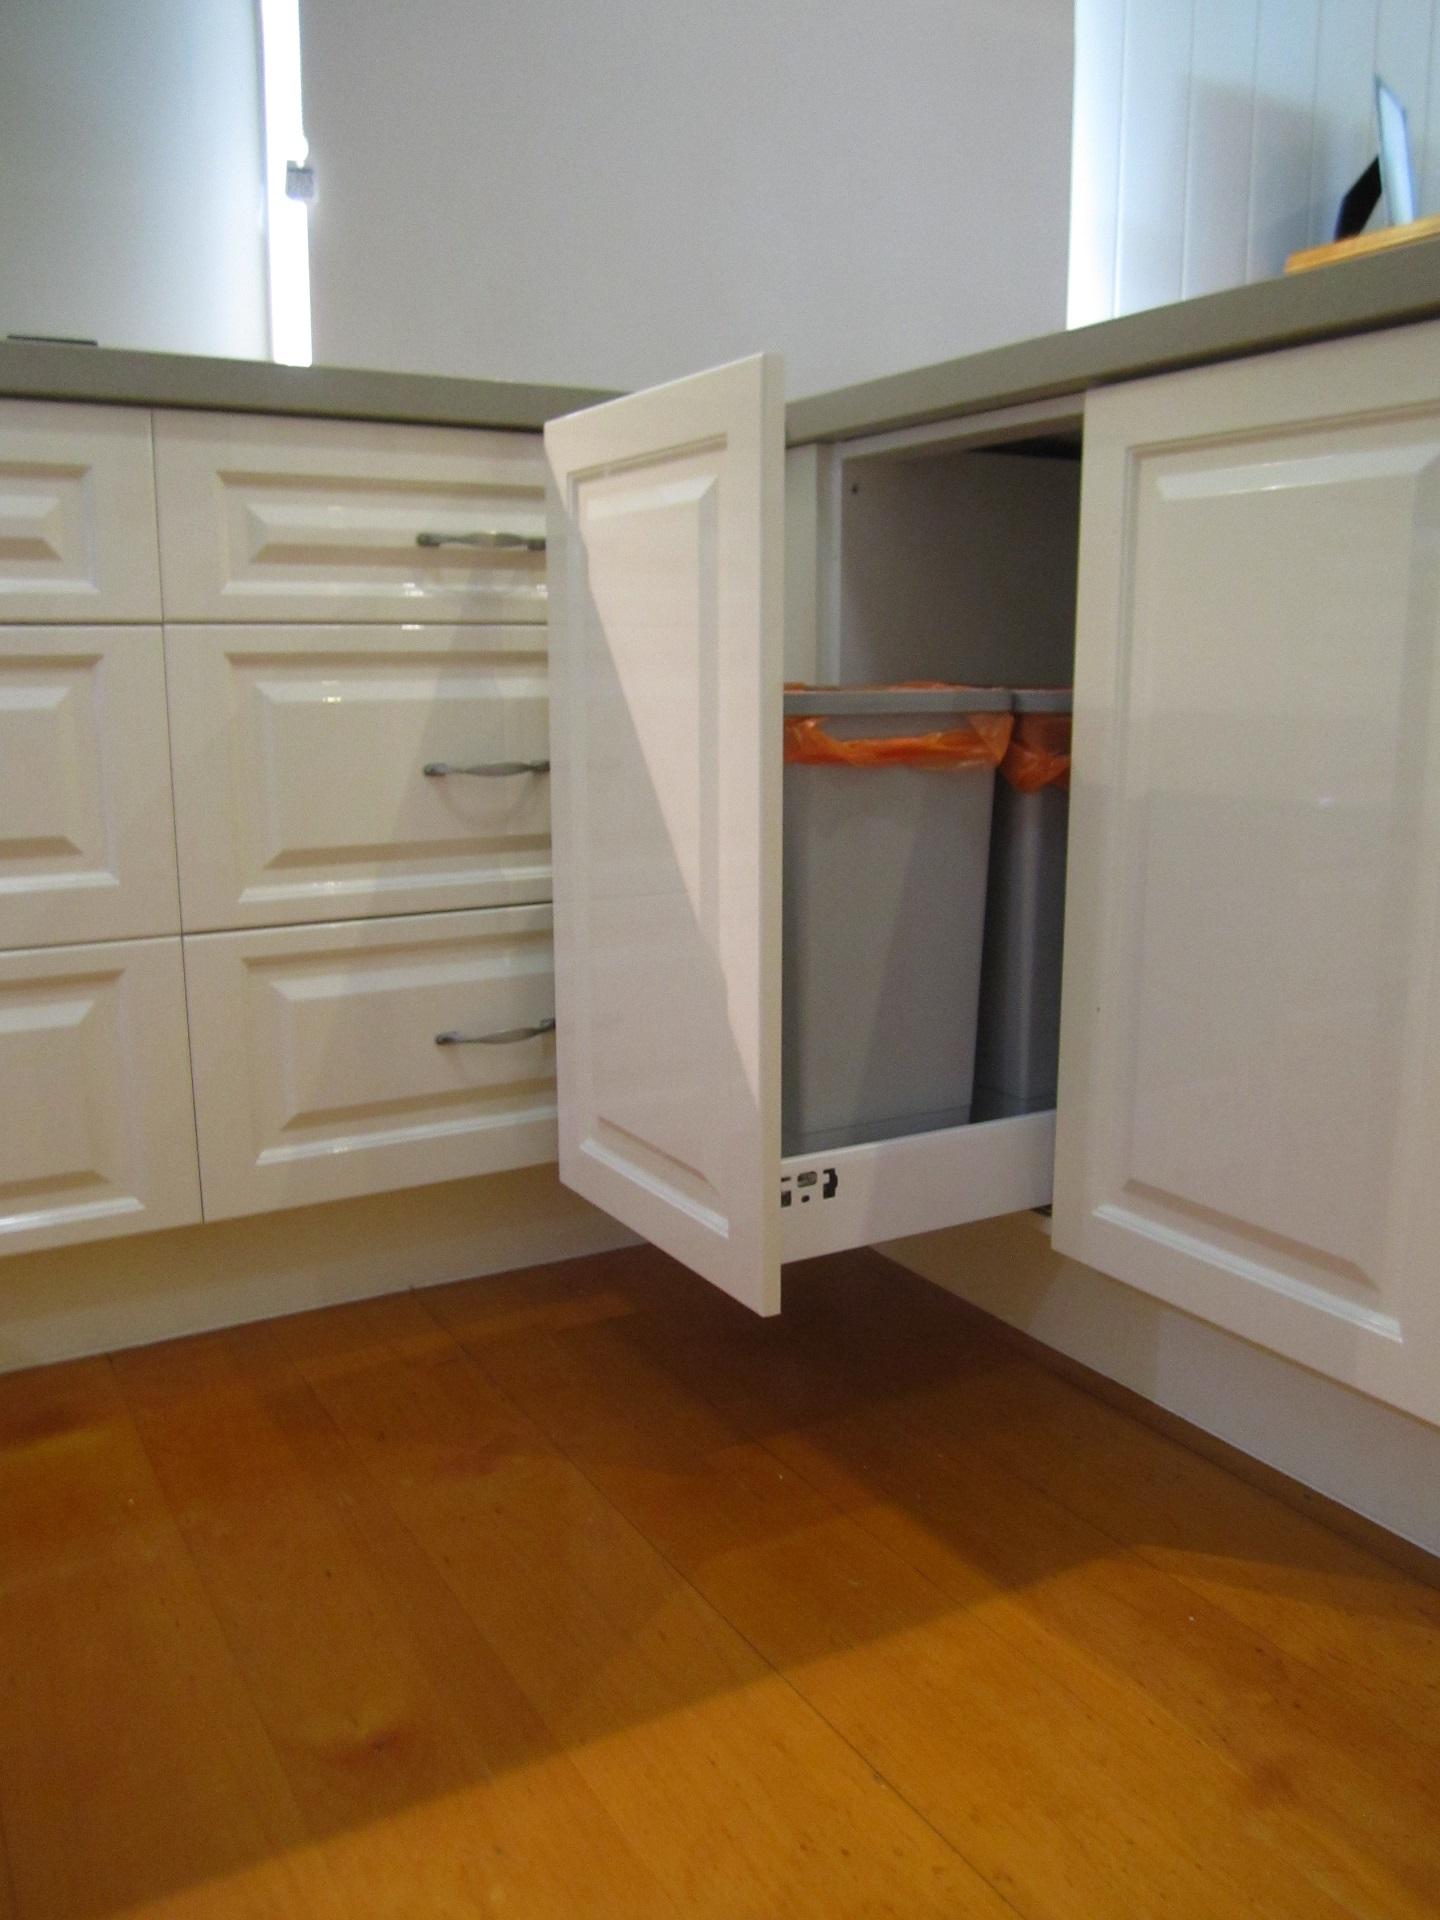 brisbane-kitchen-design-paddington-traditional-kitchen-renovation8